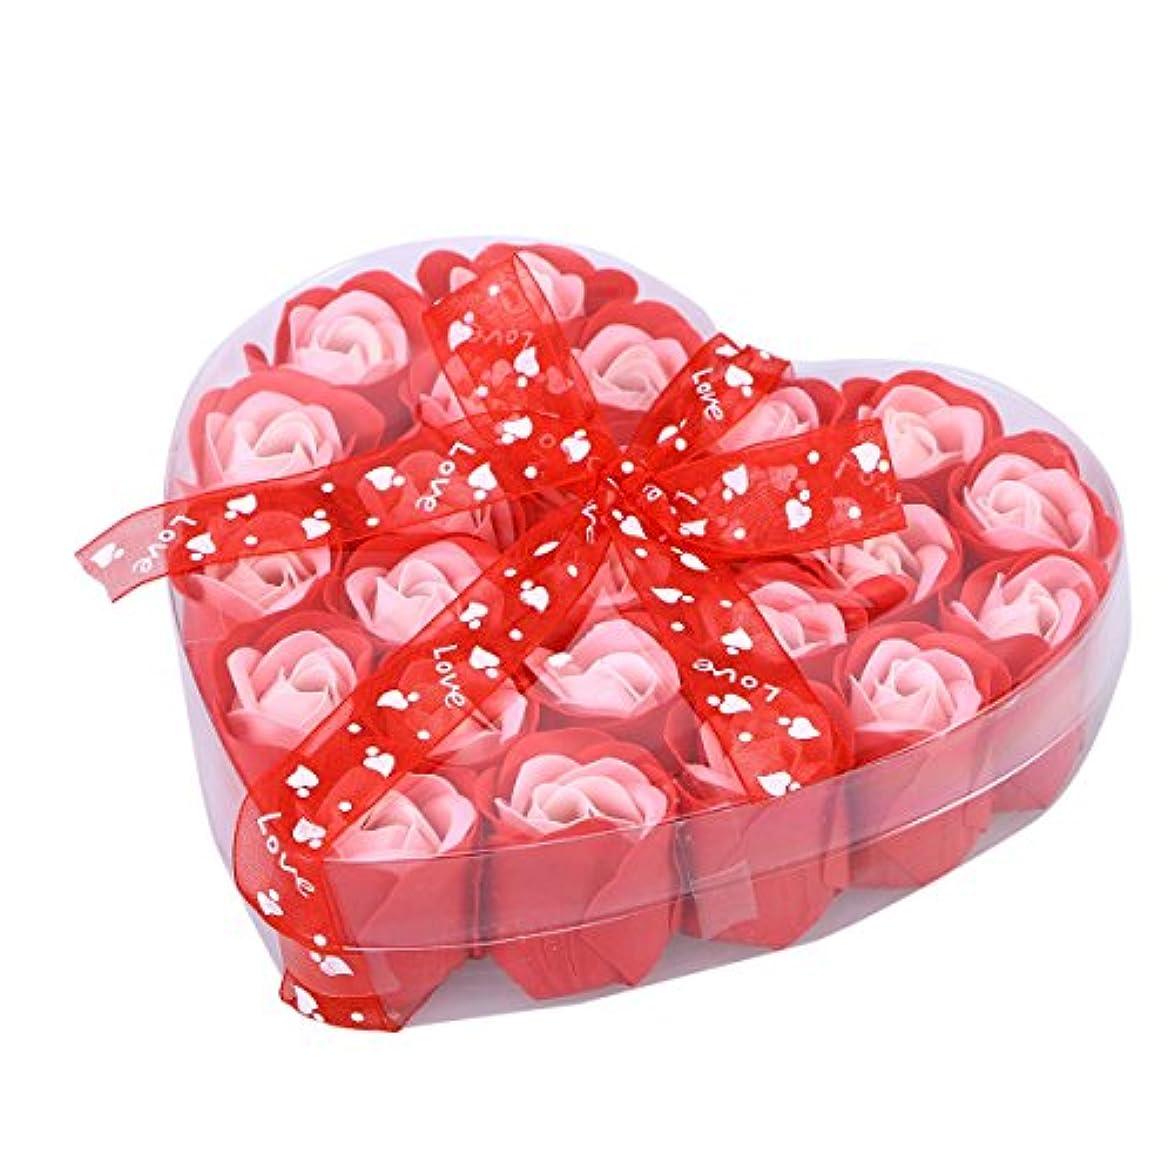 ブランデー不愉快スキニーHealifty バレンタインデーのハートボックスに香りの石鹸バラの花びら(ランダムリボン)24個